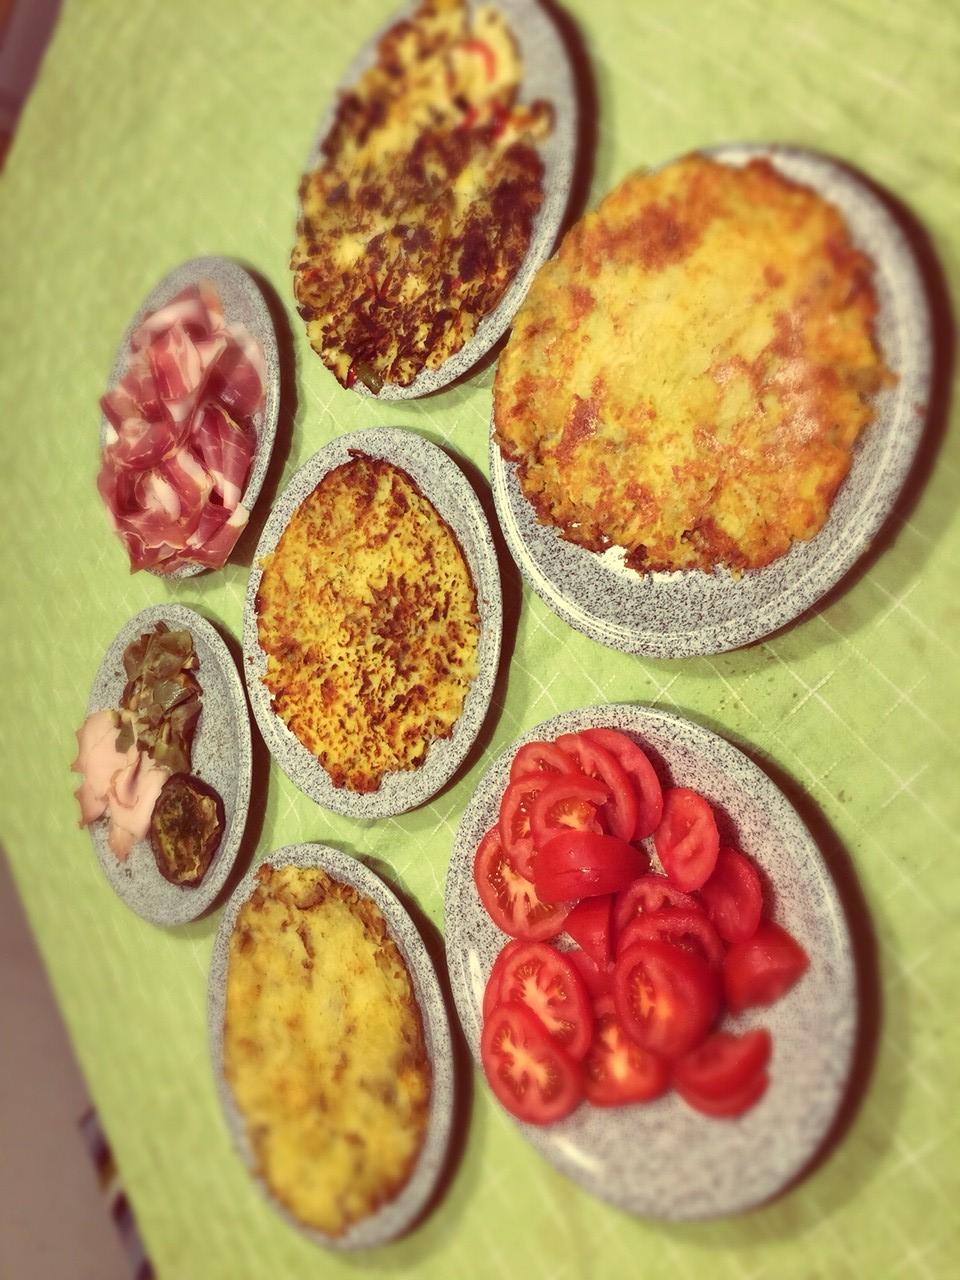 Cosa Cucinare Il 24 Dicembre il rösti e l'arte di cucinare gli avanzi per risparmiare - firenze formato  famiglia